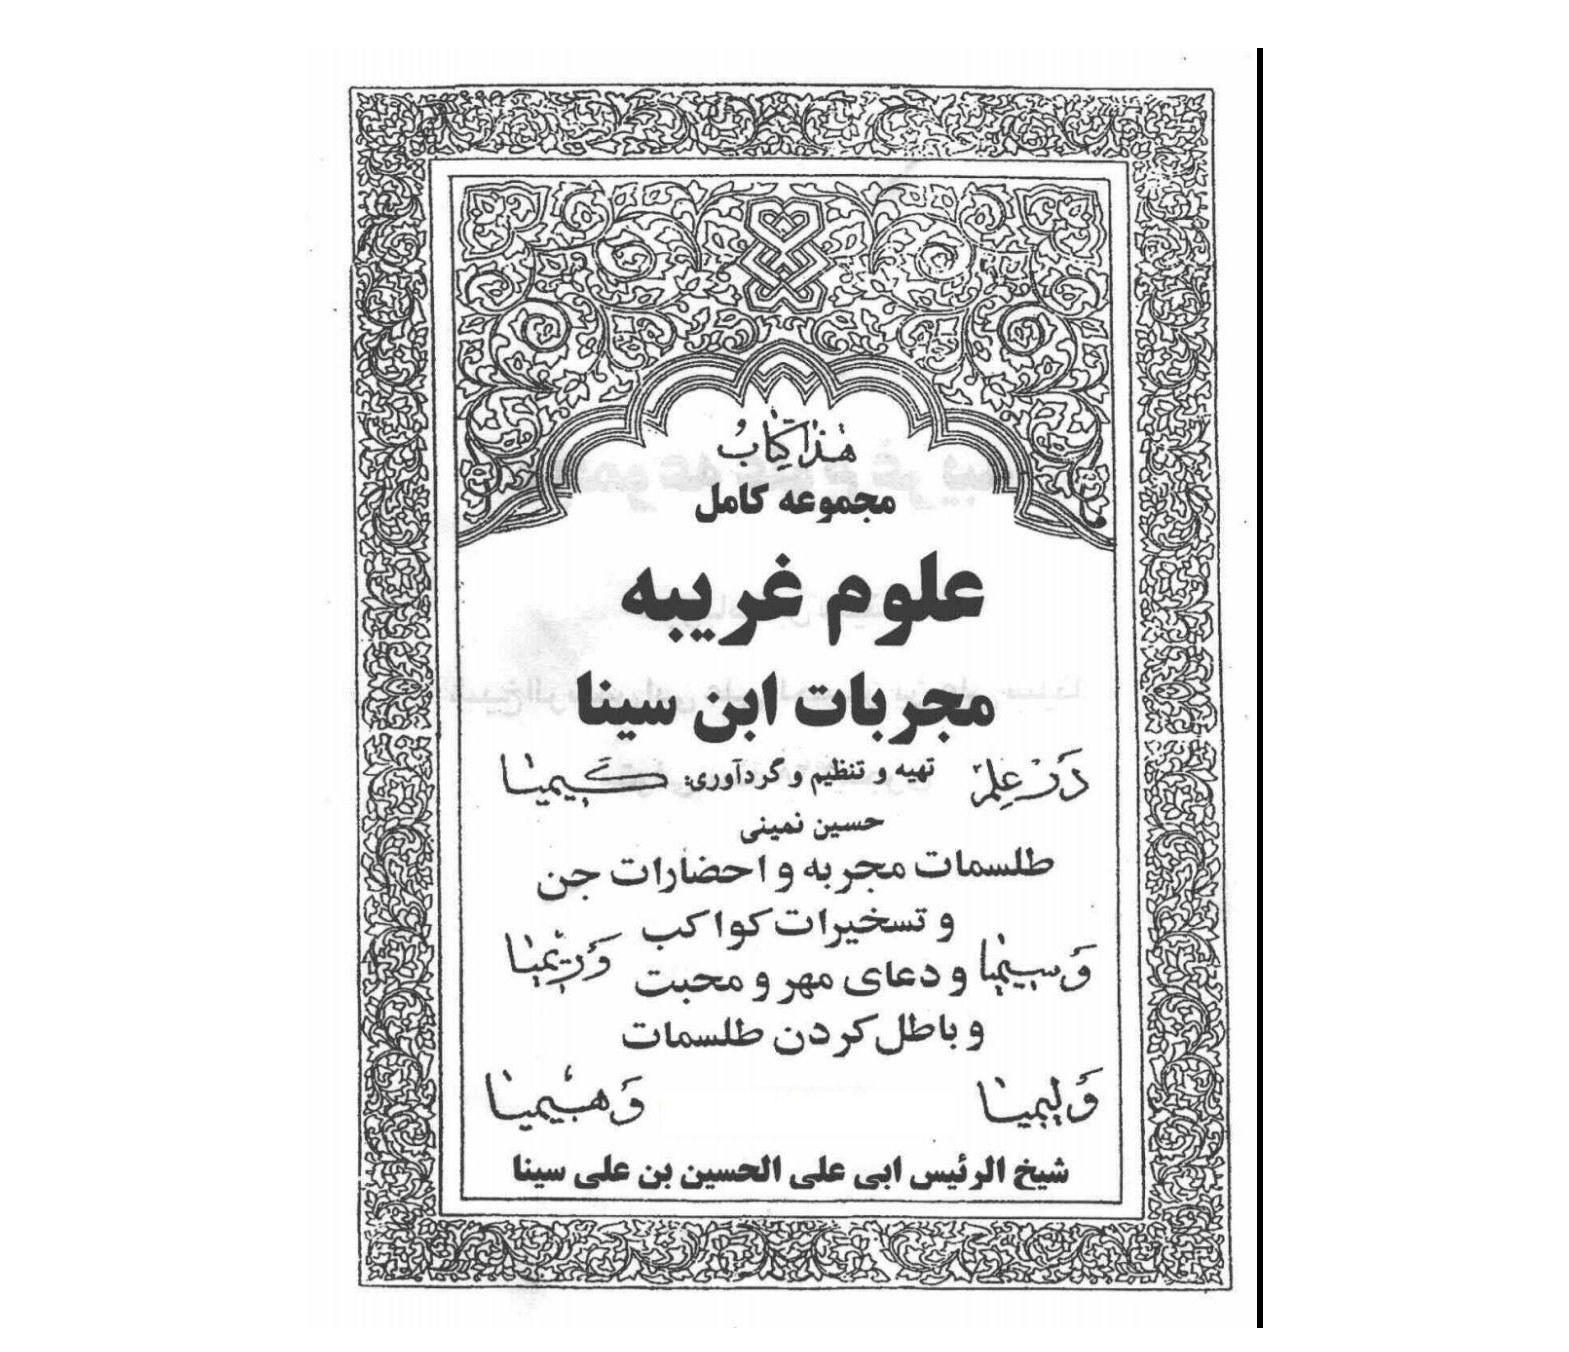 تصویر PDFکتاب مجربات ابن سینا